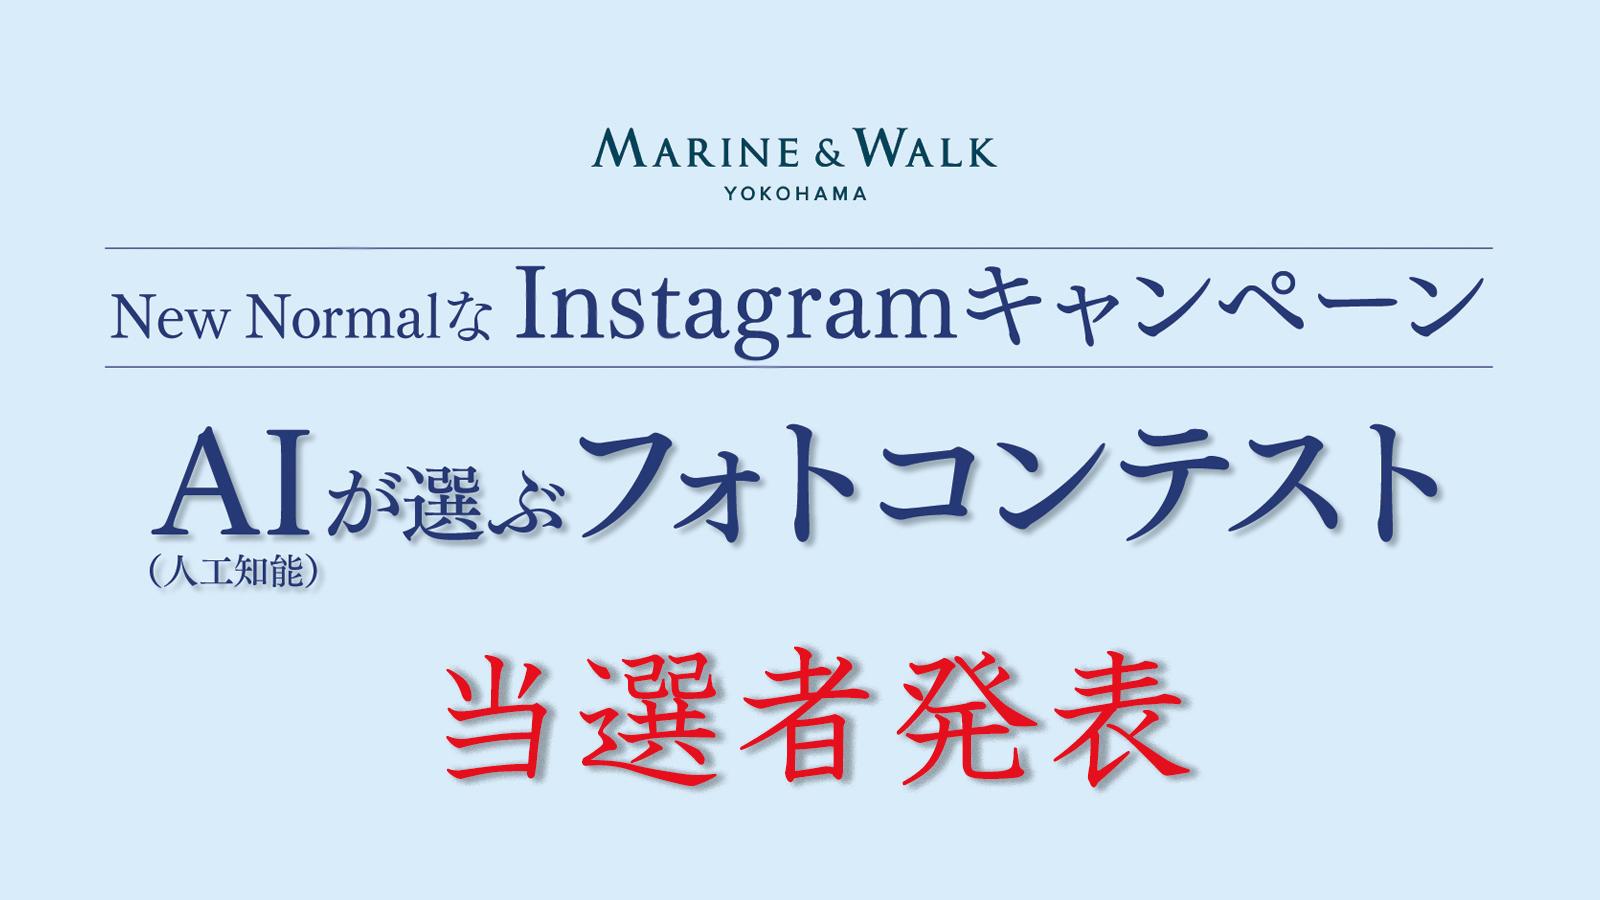 【Instagramキャンペーン】AI(人工知能) が選ぶフォトコンテスト